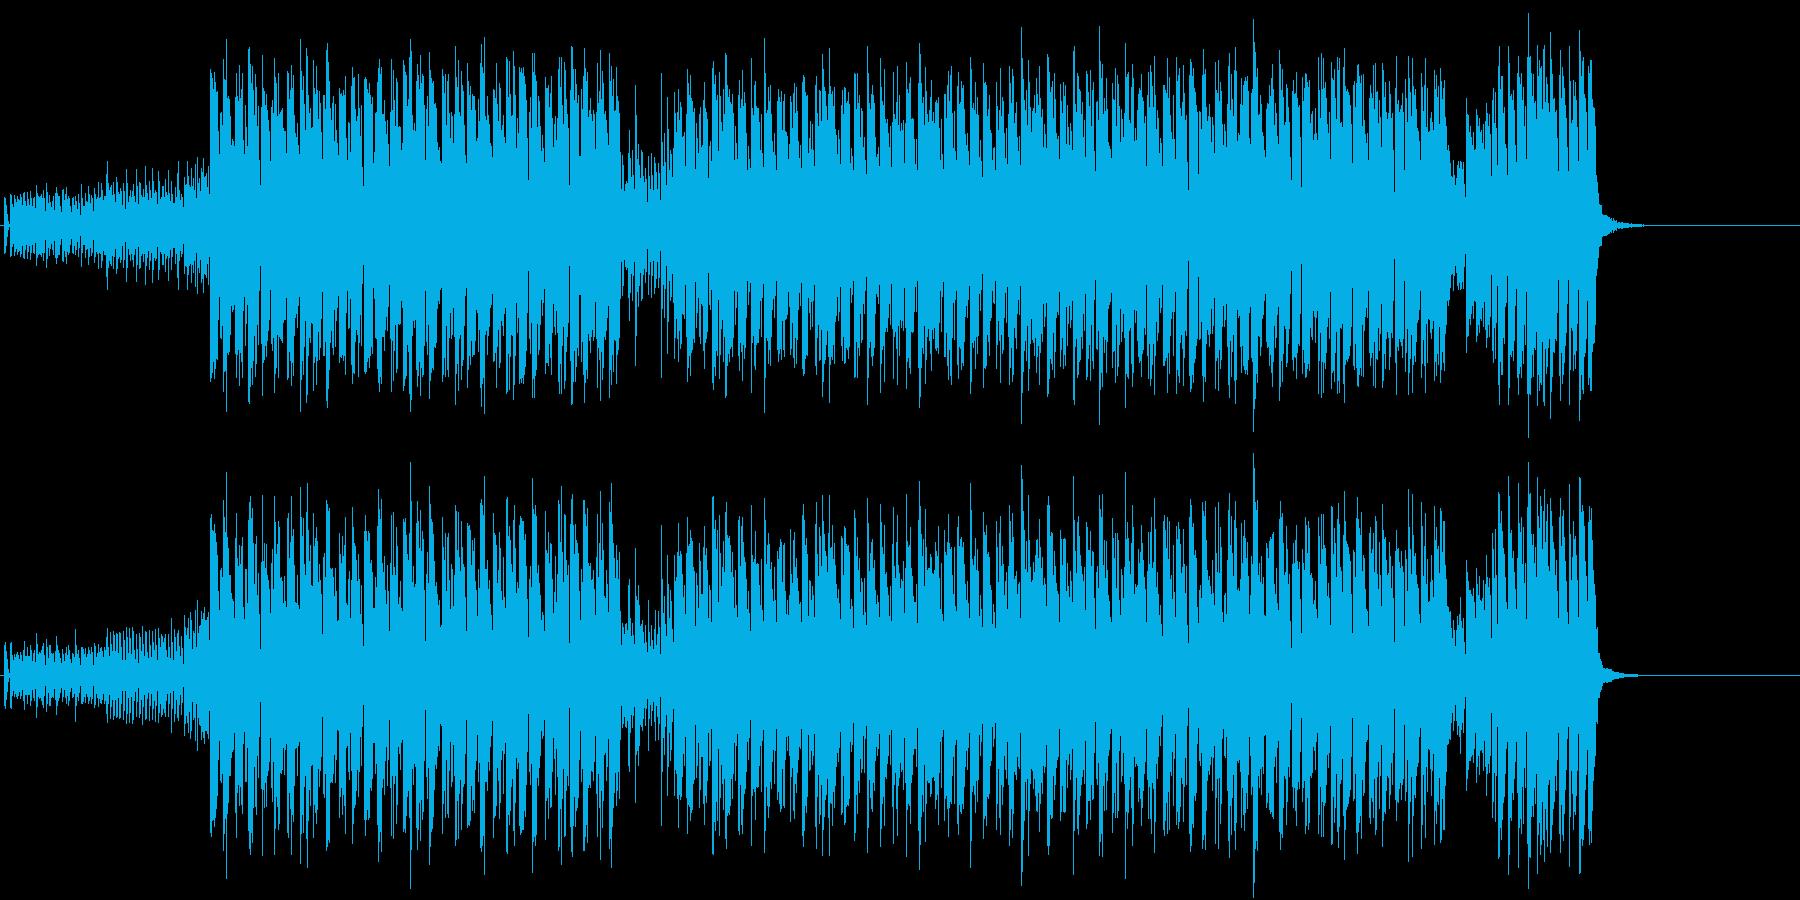 洒落たクラブ風マイナー・ダンス/テクノの再生済みの波形